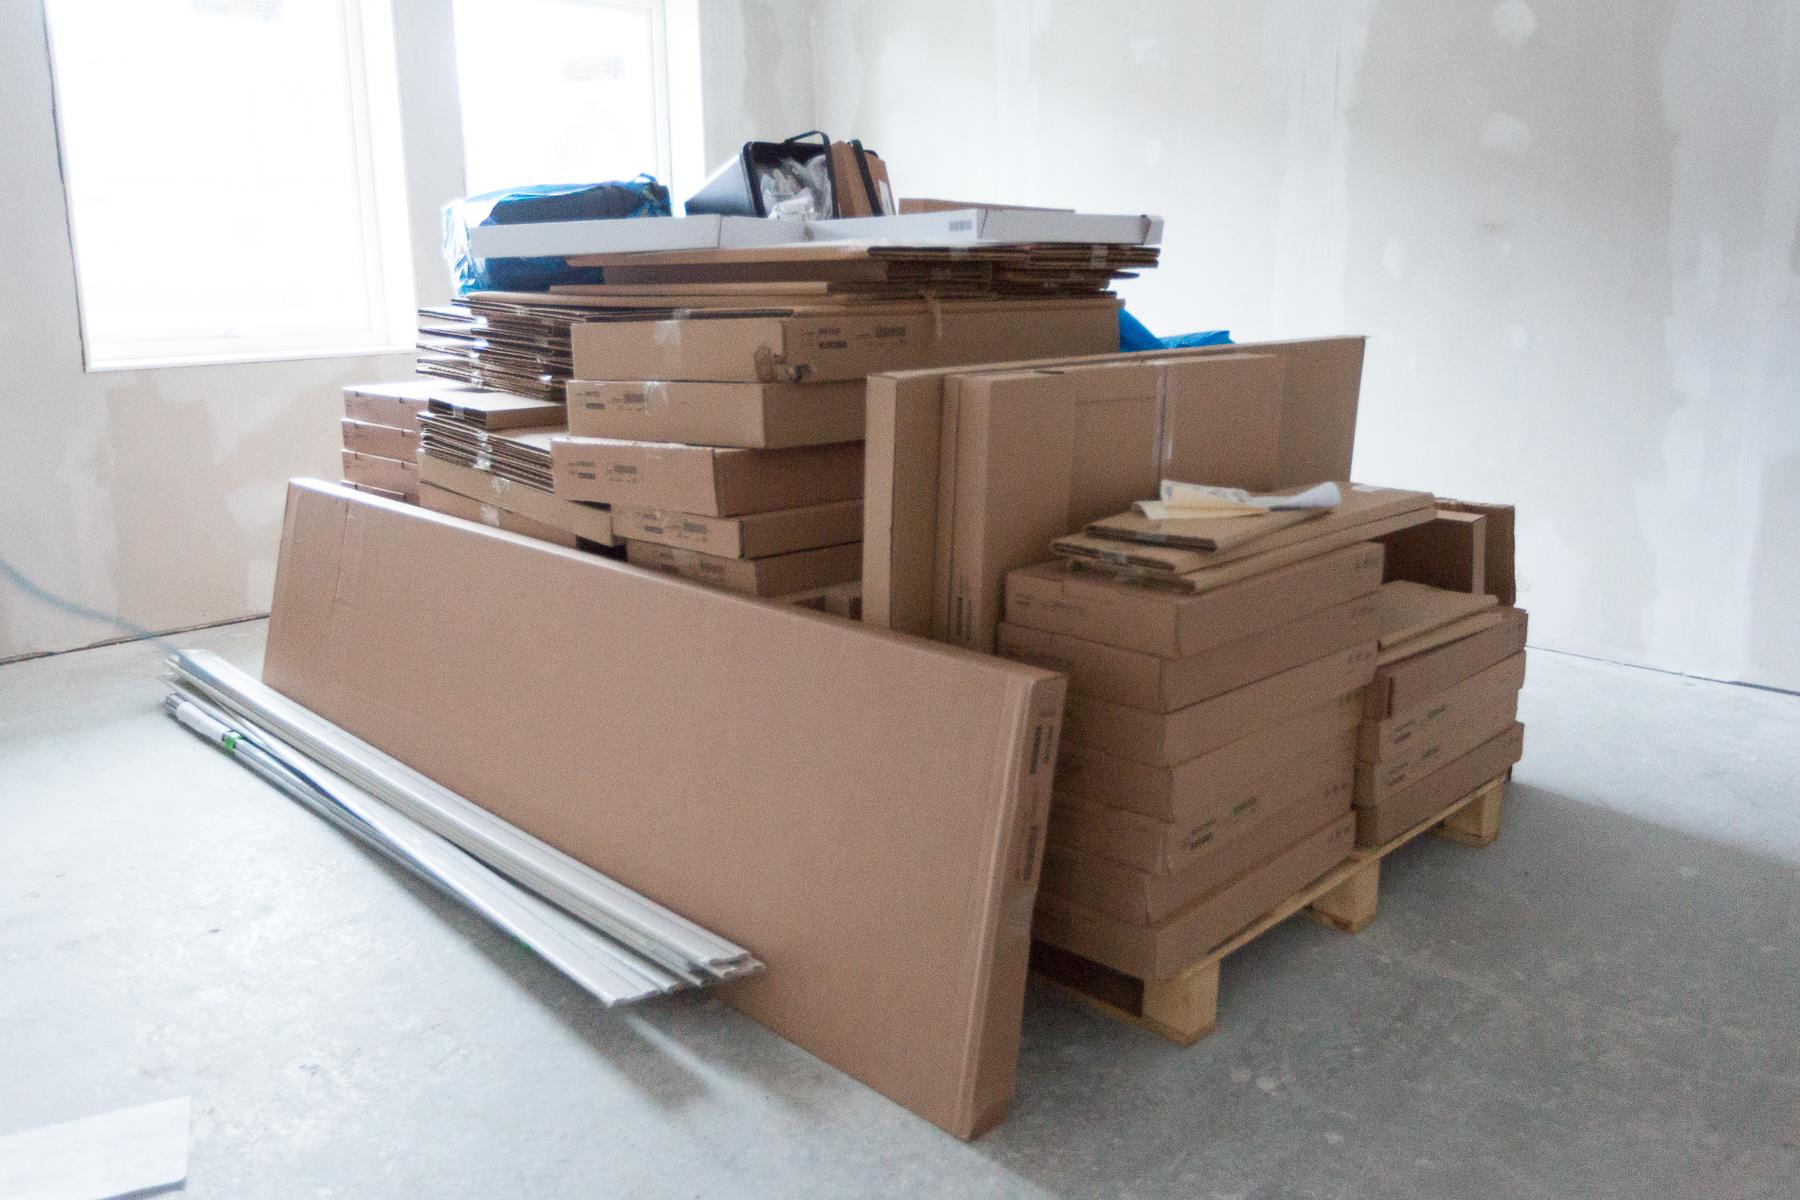 Ikea-köket i sina platta paket.